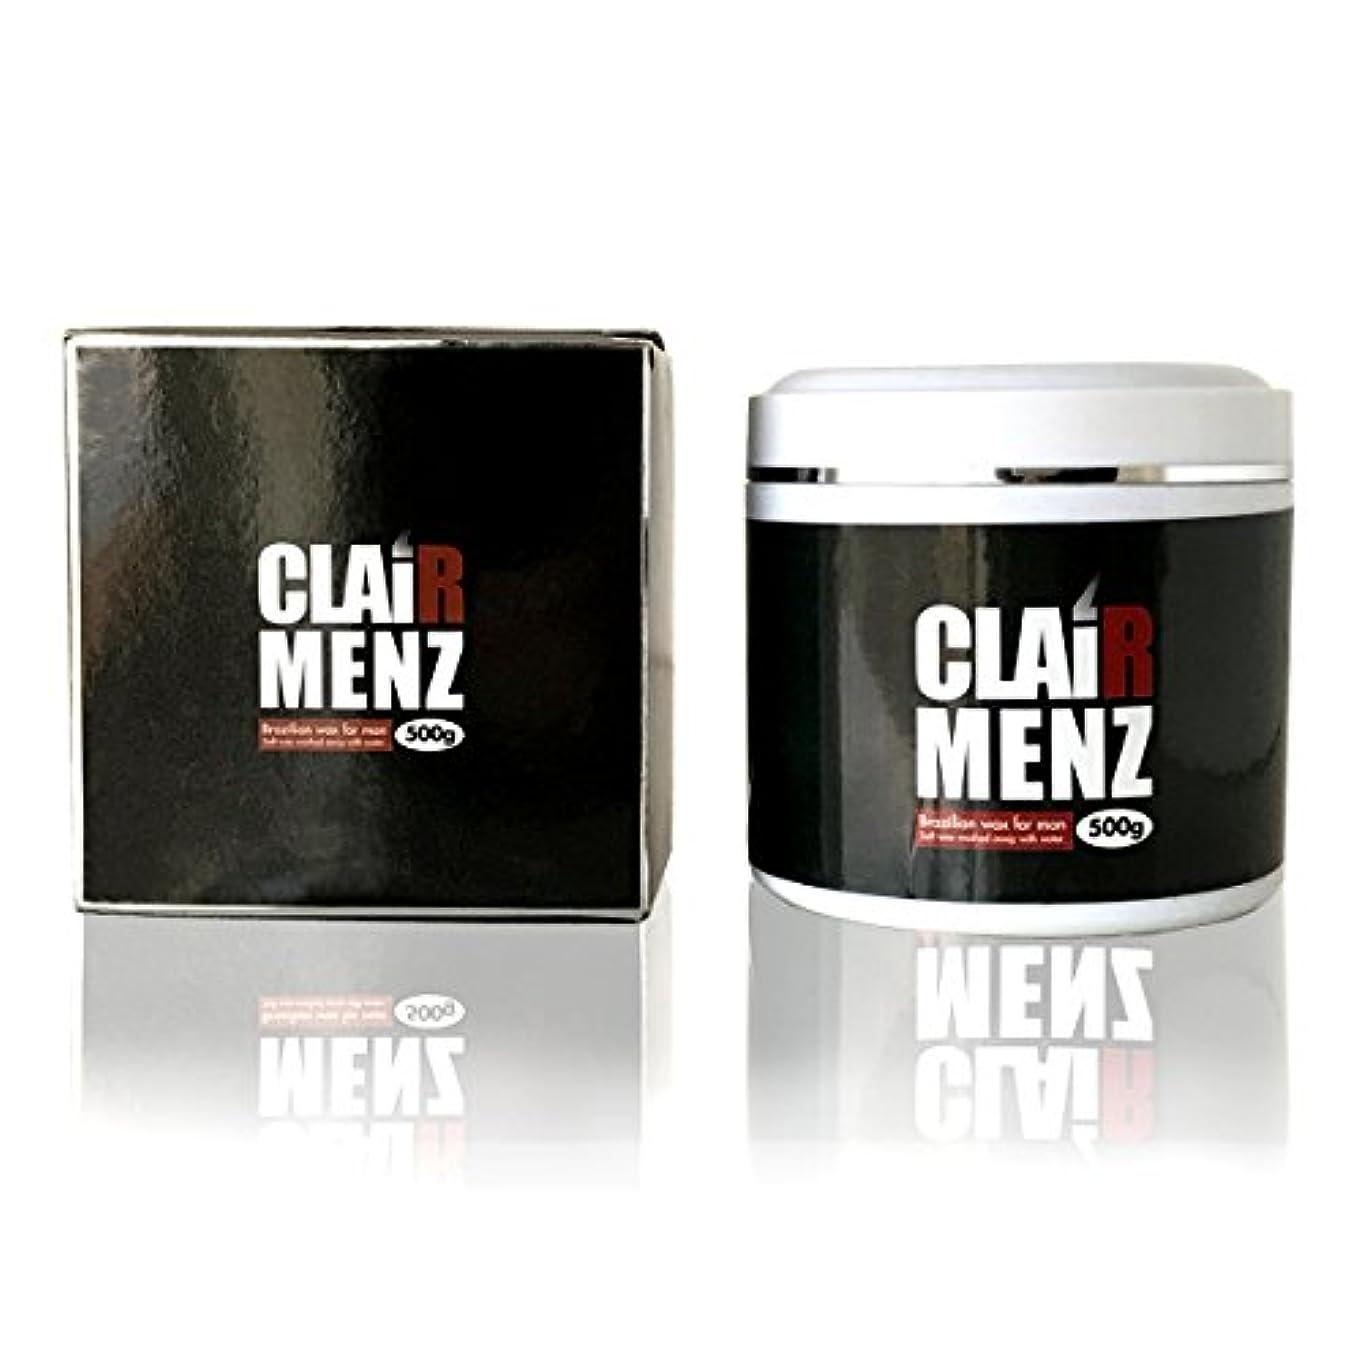 流行線形記録ブラジリアンワックス メンズ専用 clair Menz wax 500g(単品) メンズ脱毛専用ラベル 無添加ワックス 脱毛ワックス